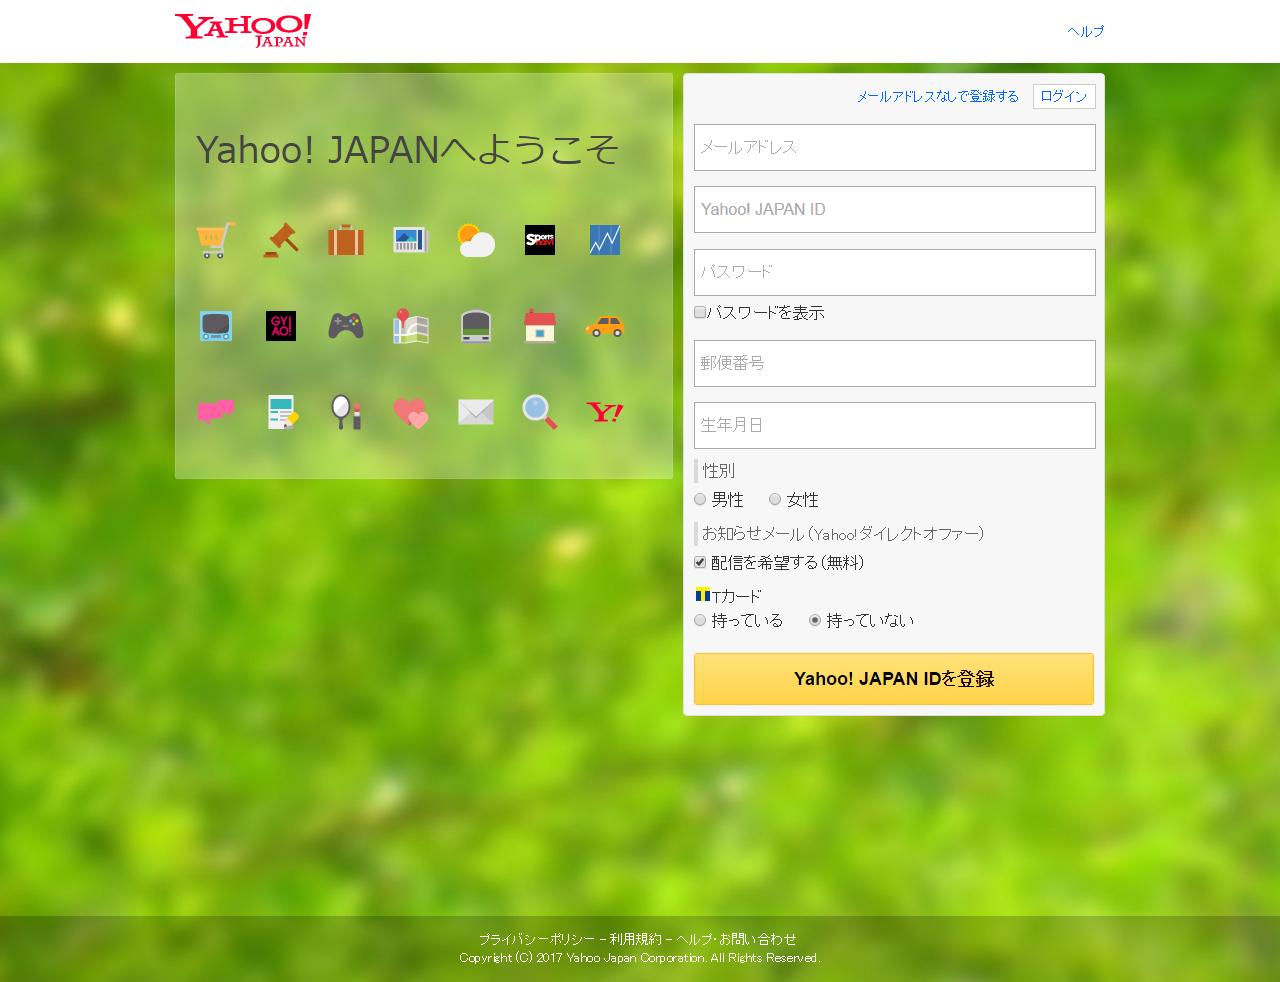 キャプチャ: Yahoo! JAPAN ID登録画面